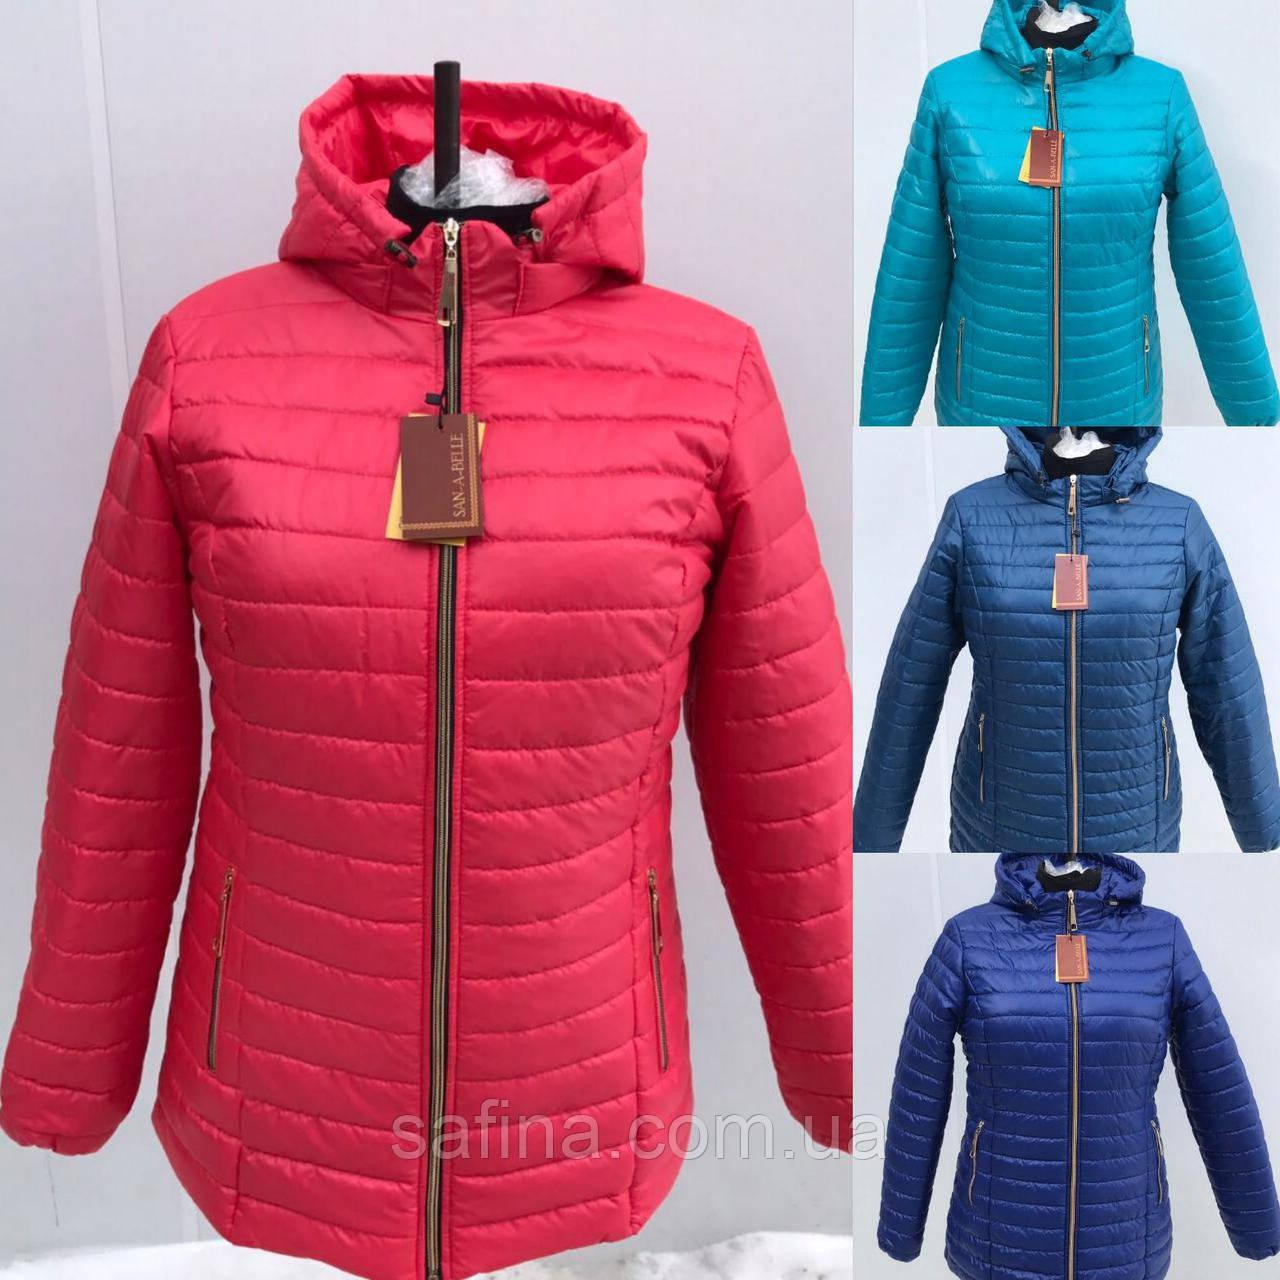 Женская курточка больших размеров до 70 размера